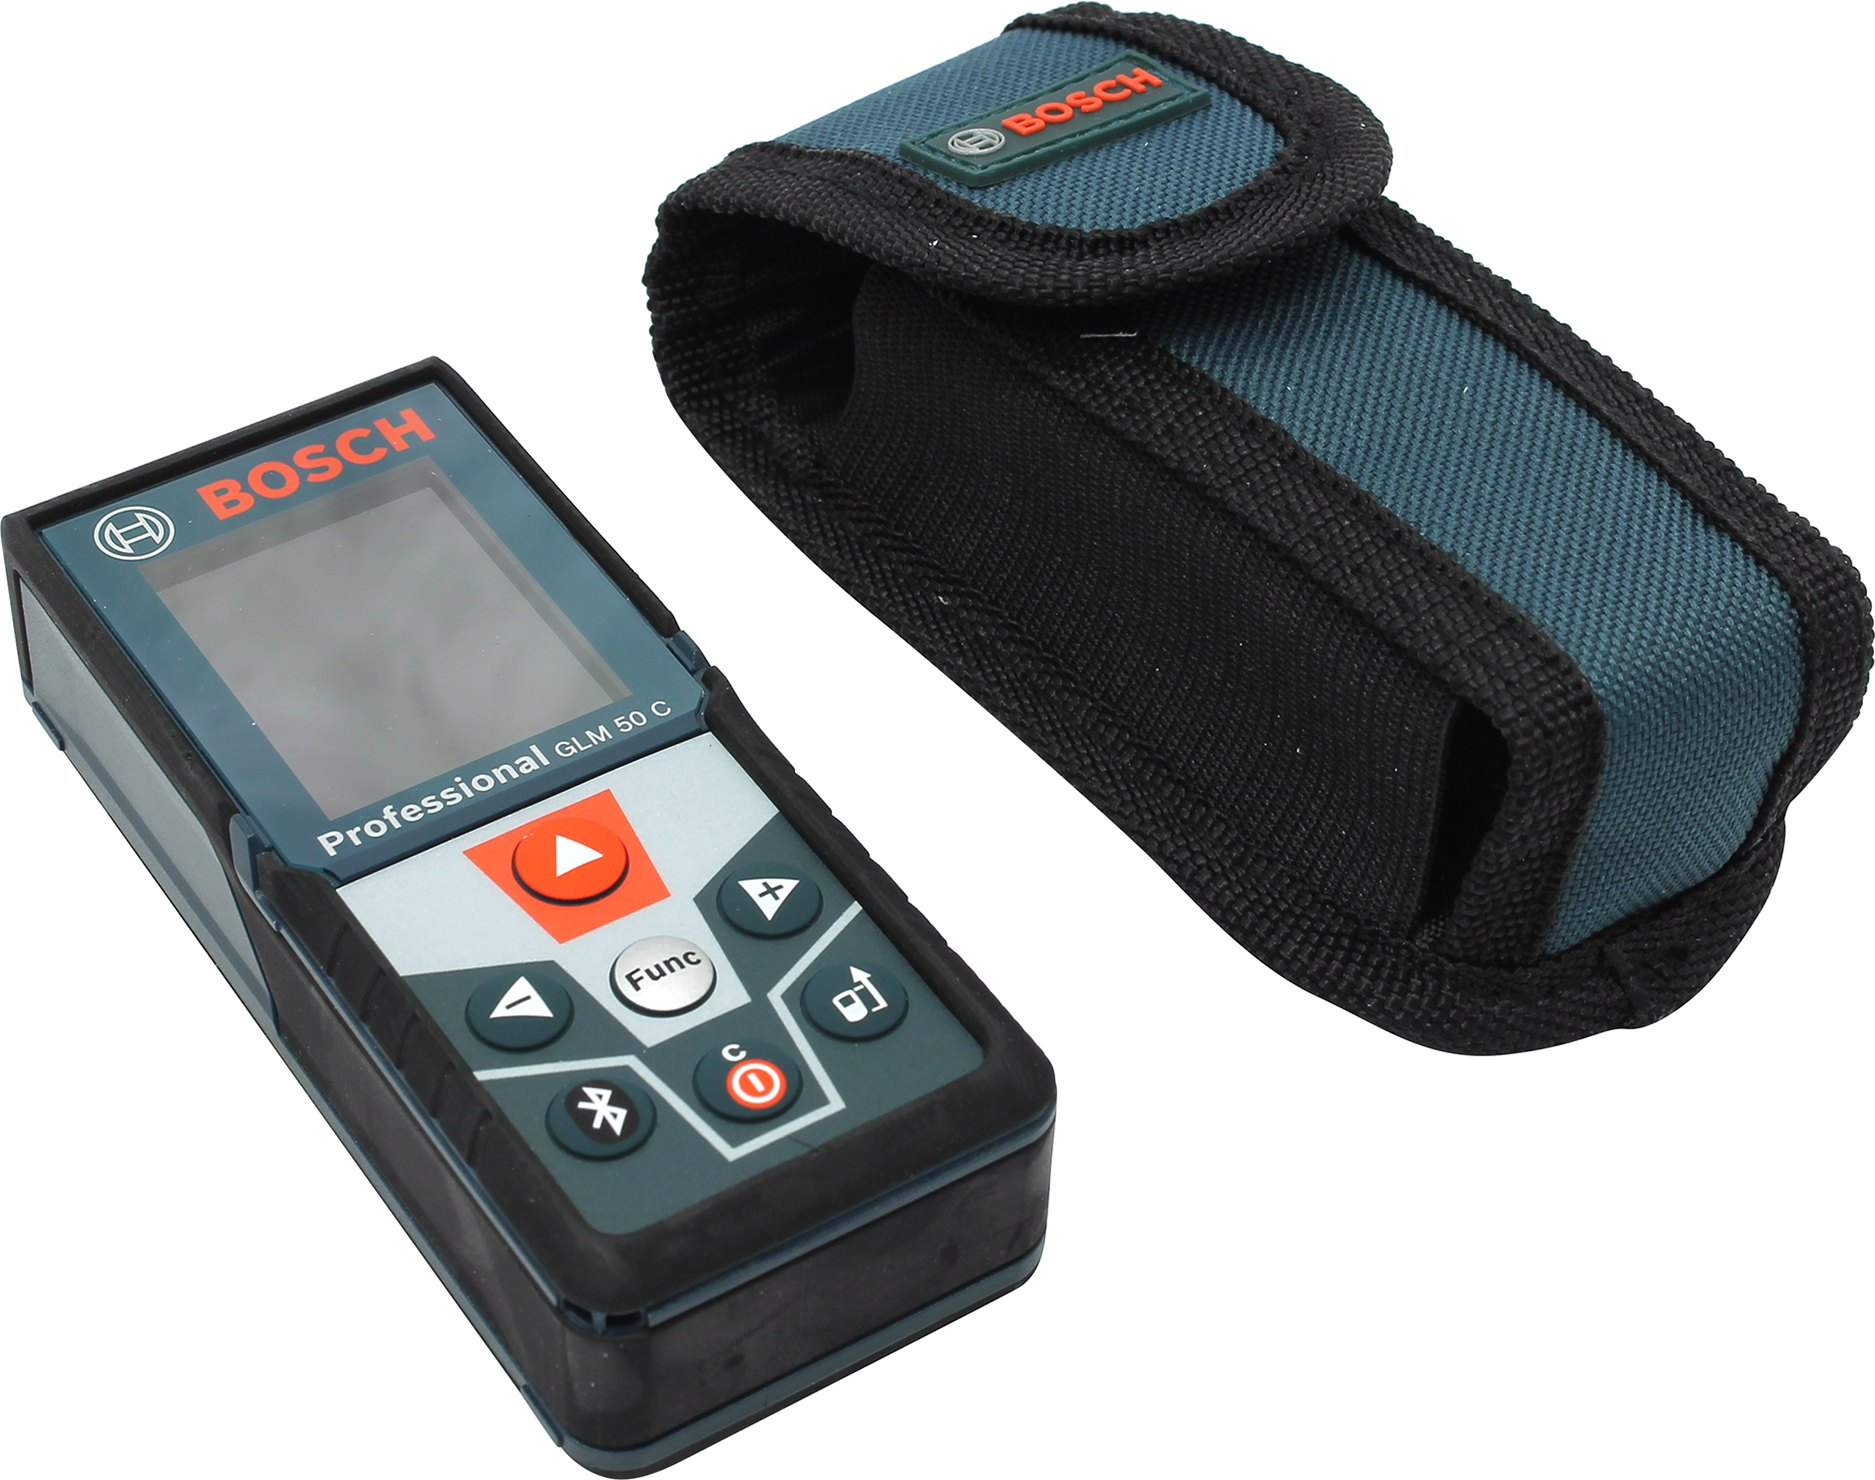 Bosch Entfernungsmesser App : Лазерный дальномер bosch professional Профессионал glm c